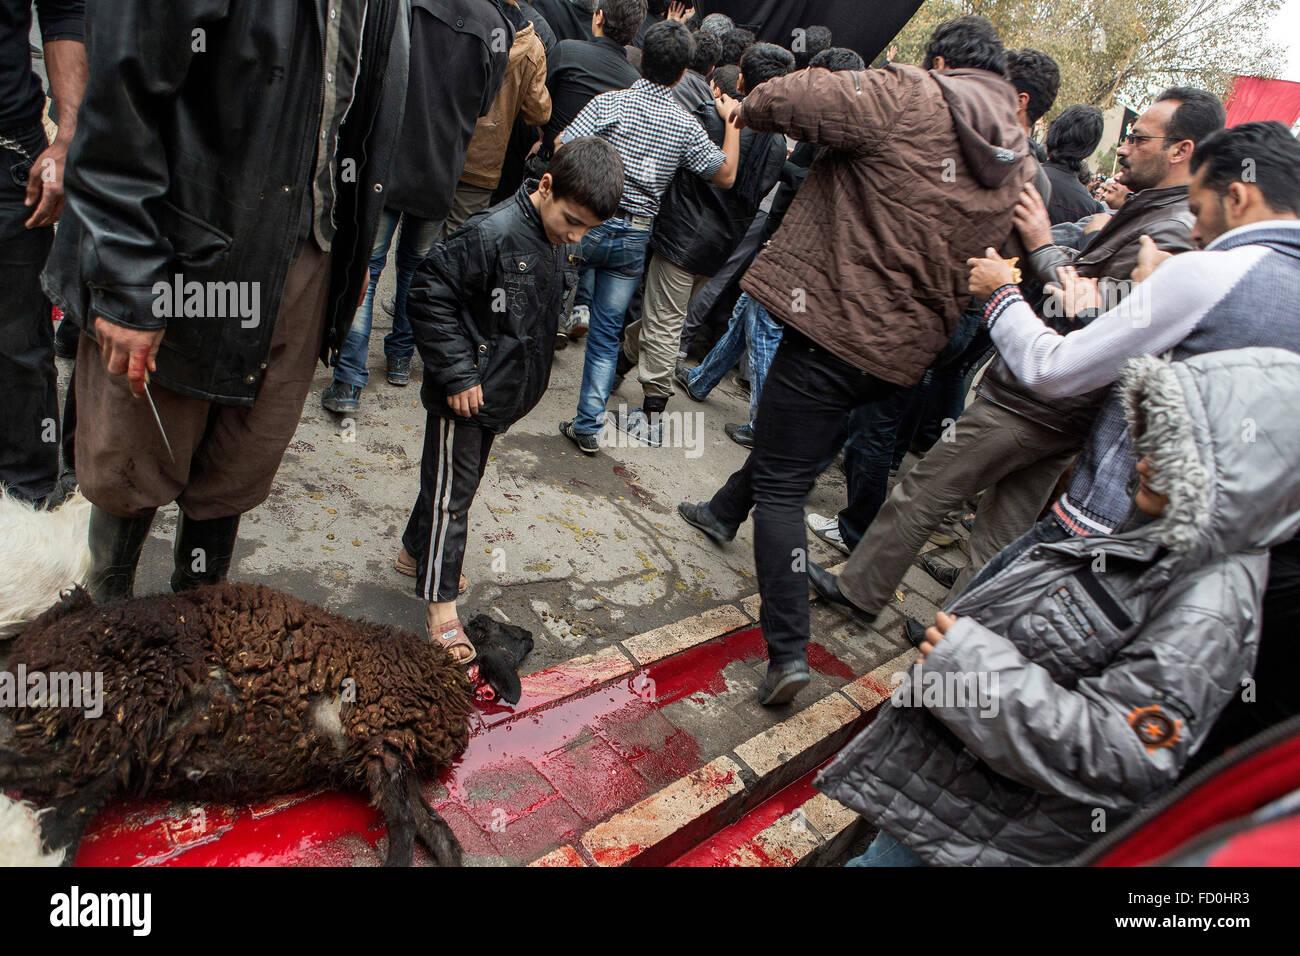 Sacrificio ritual en Kashan furing Ashura, Irán. Imagen De Stock